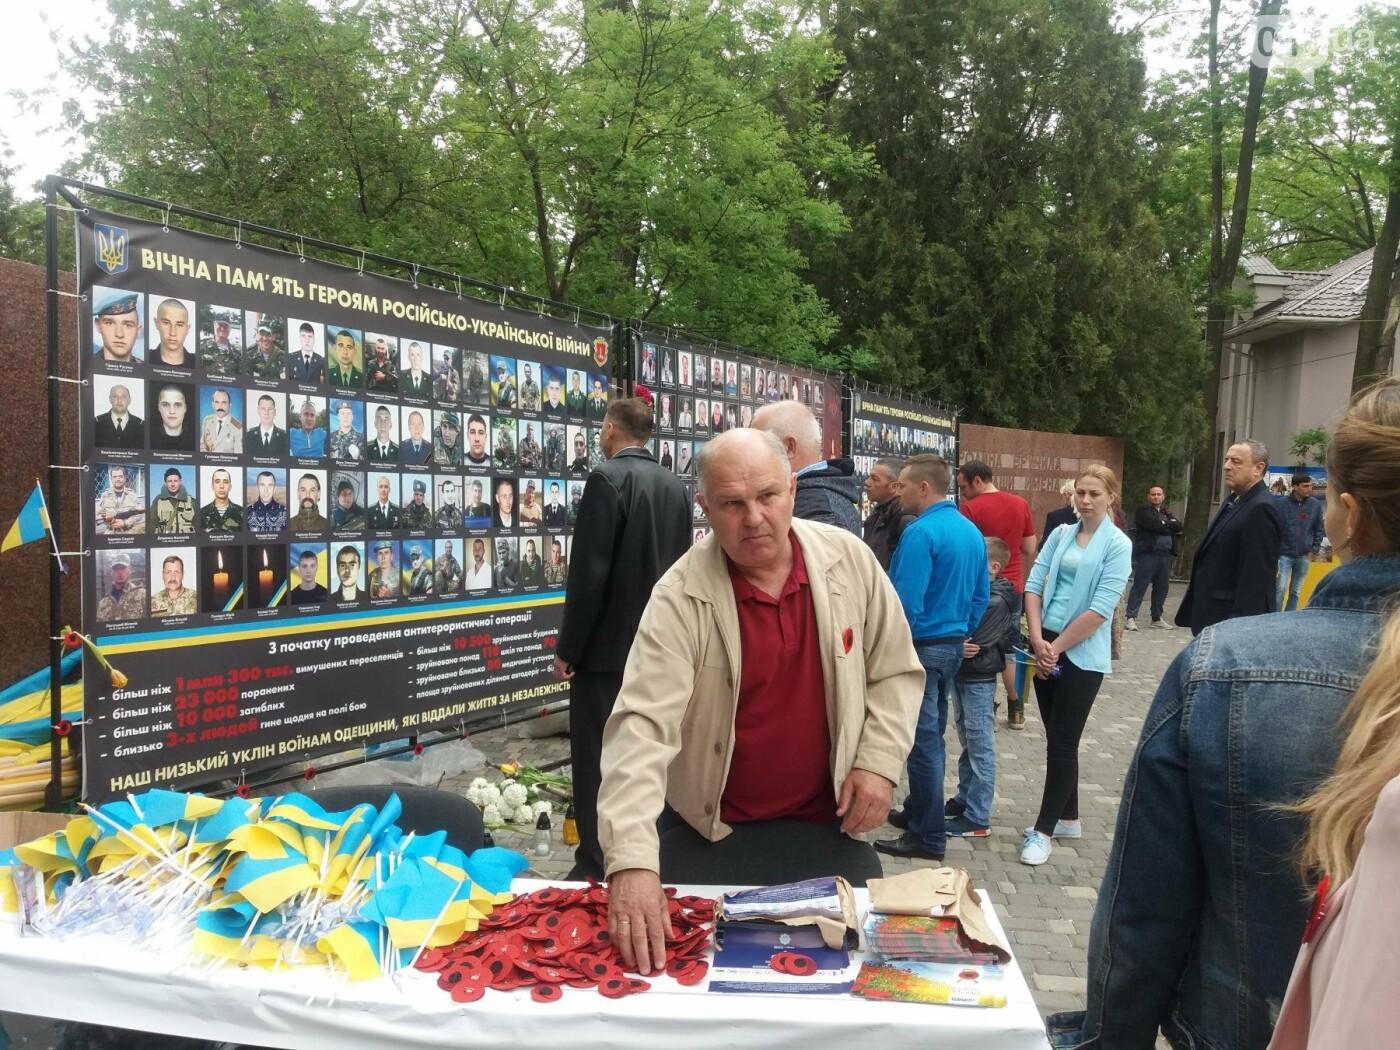 9 мая в Одессе: хронология событий и итоги, - ФОТО, ВИДЕО, фото-20